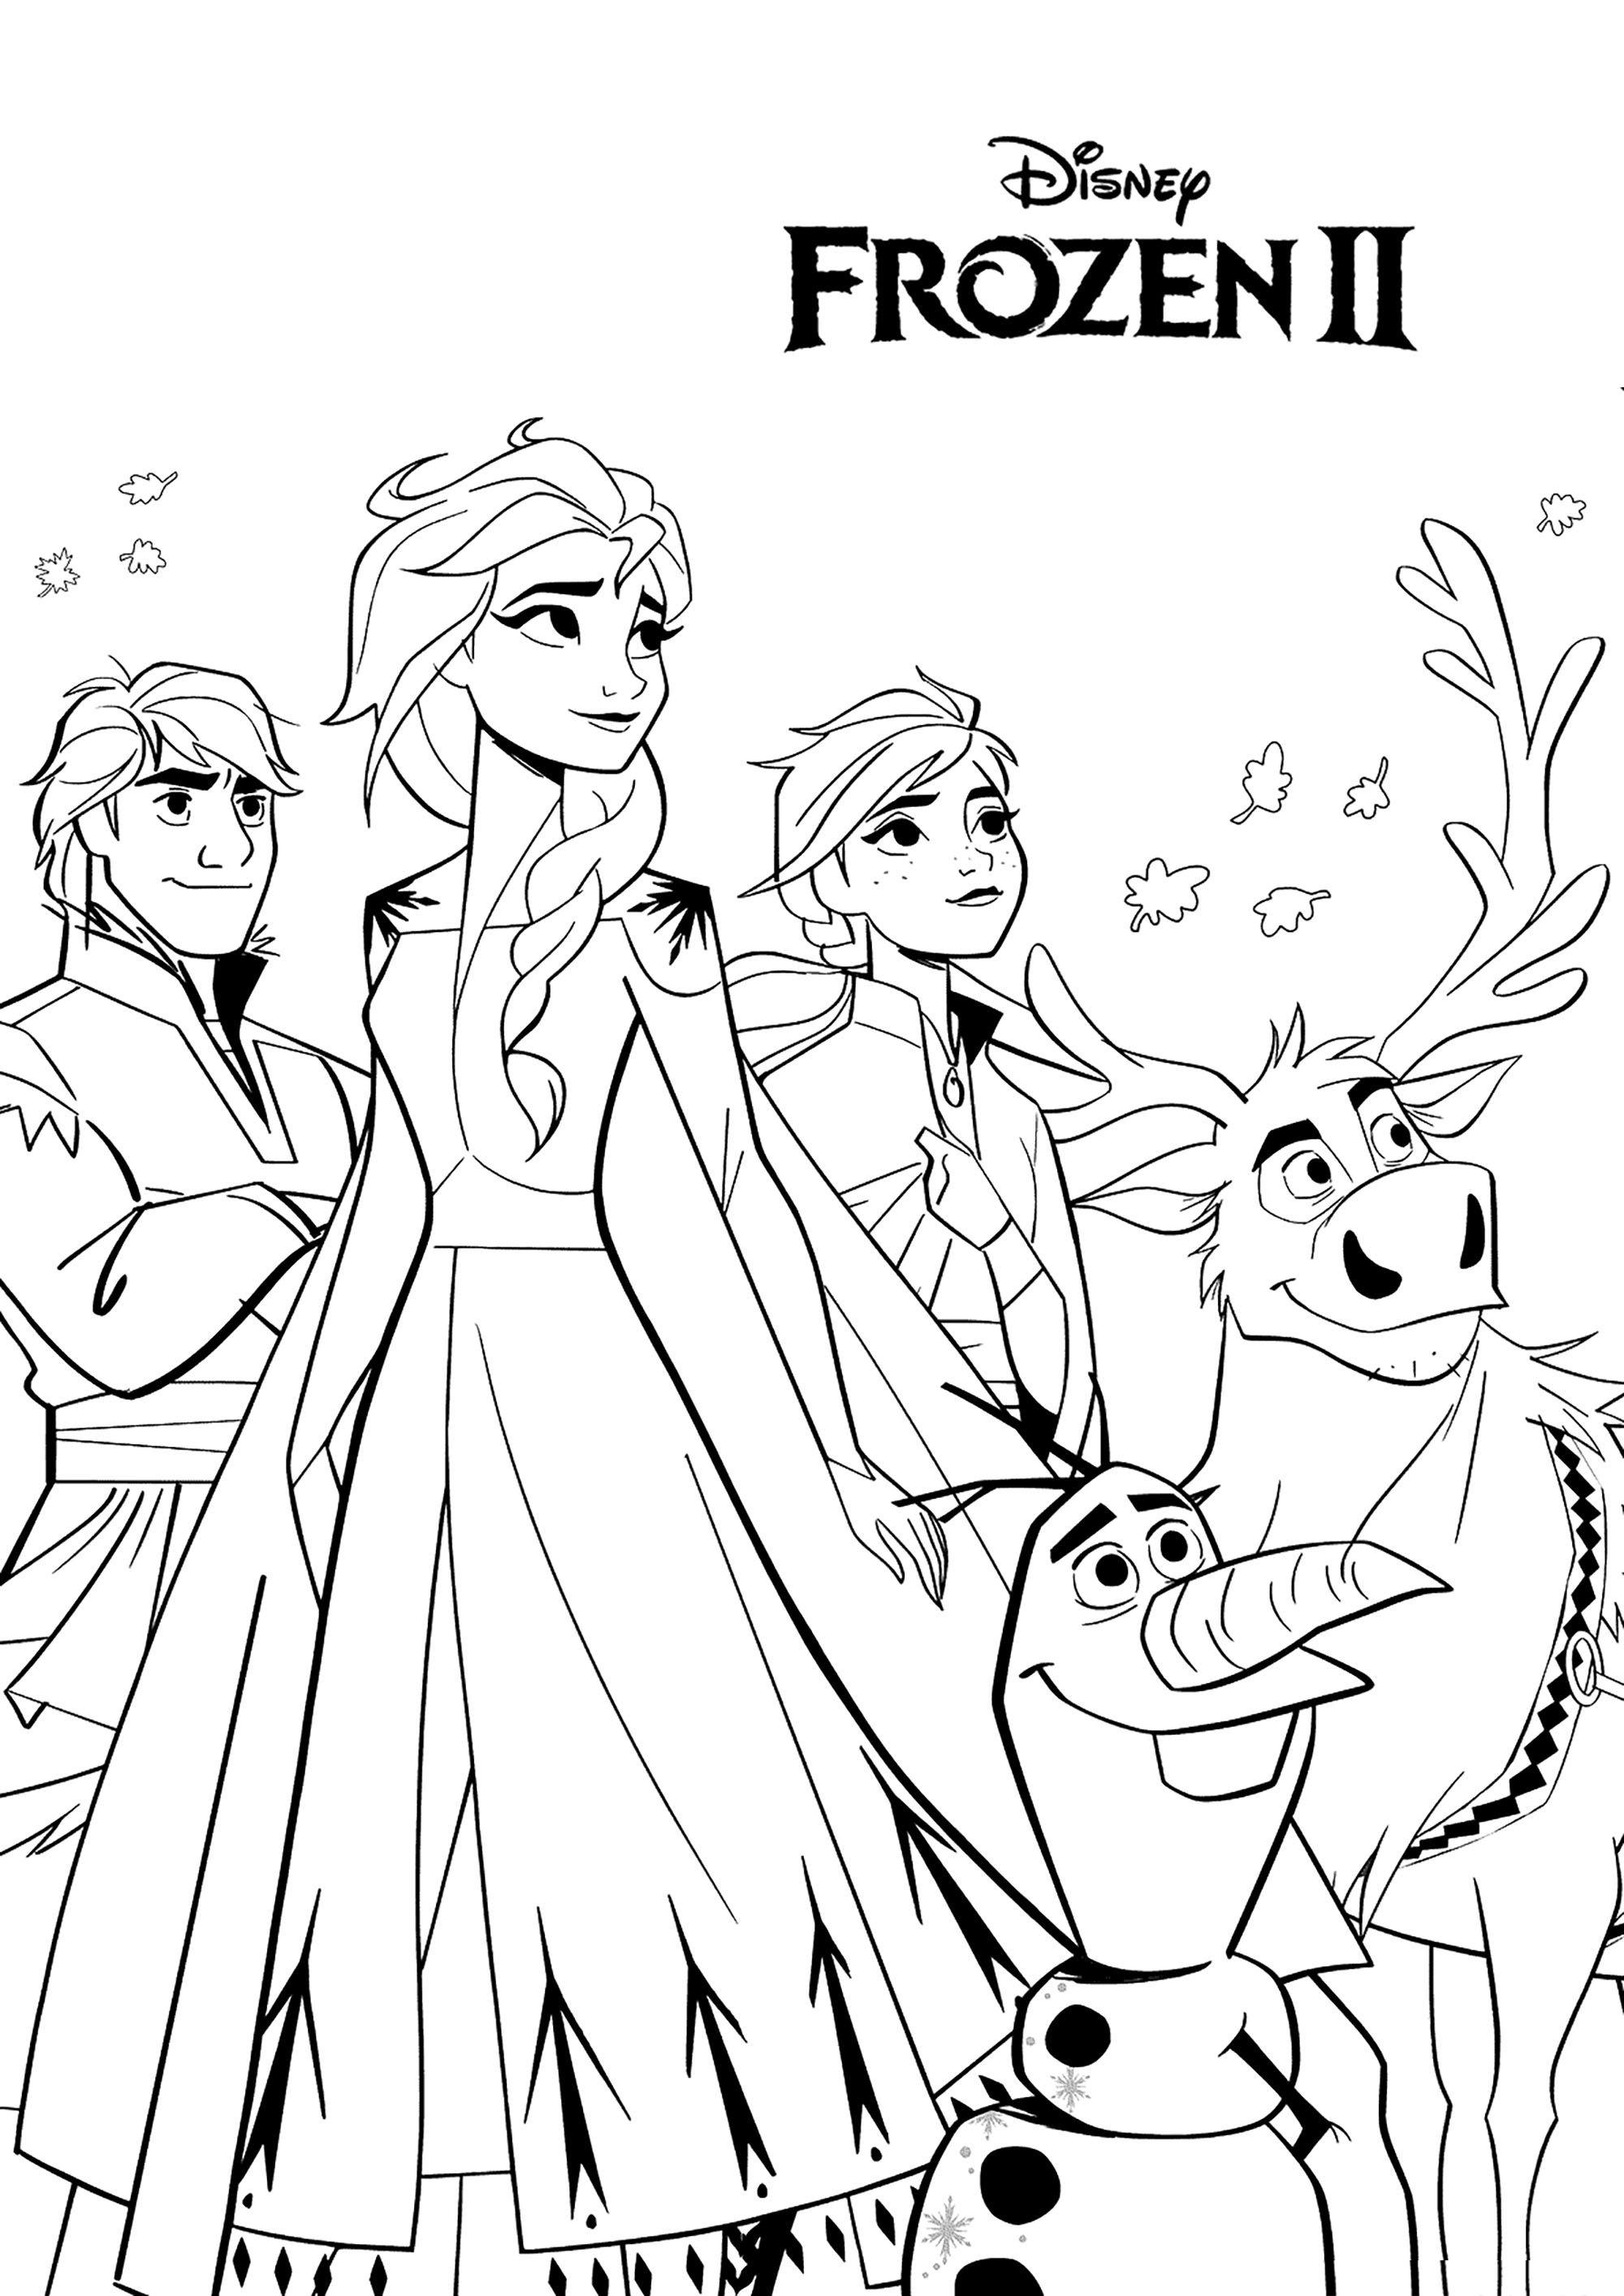 Dessin Reine Des Neiges 2 : dessin, reine, neiges, Frozen, Print, Incredible, Coloring, Color, Free., Gallery, Froze…, Coloriage, Reine, Neiges,, Coloriage,